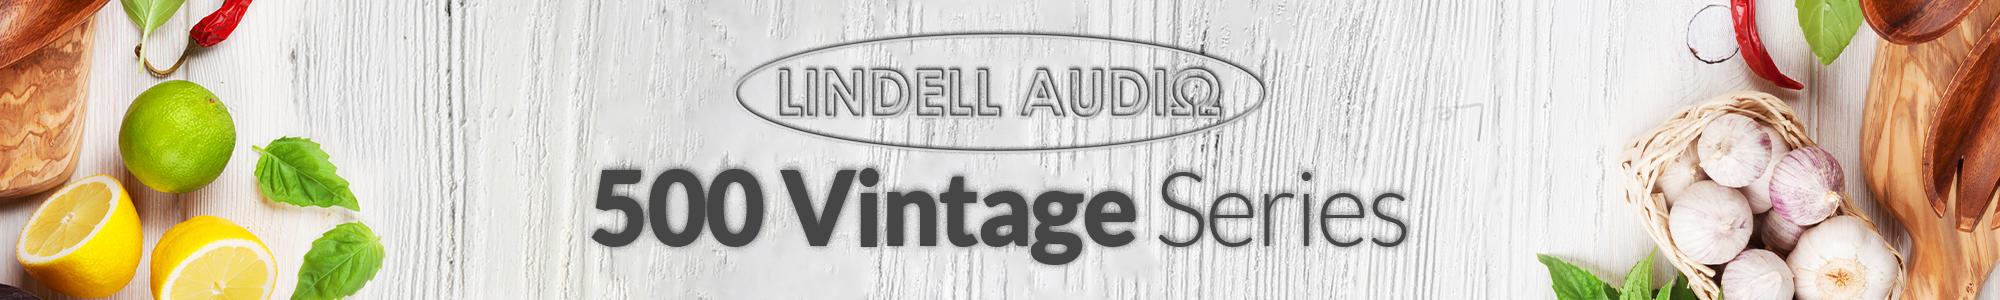 Lindell Audio 500 Vintage Series